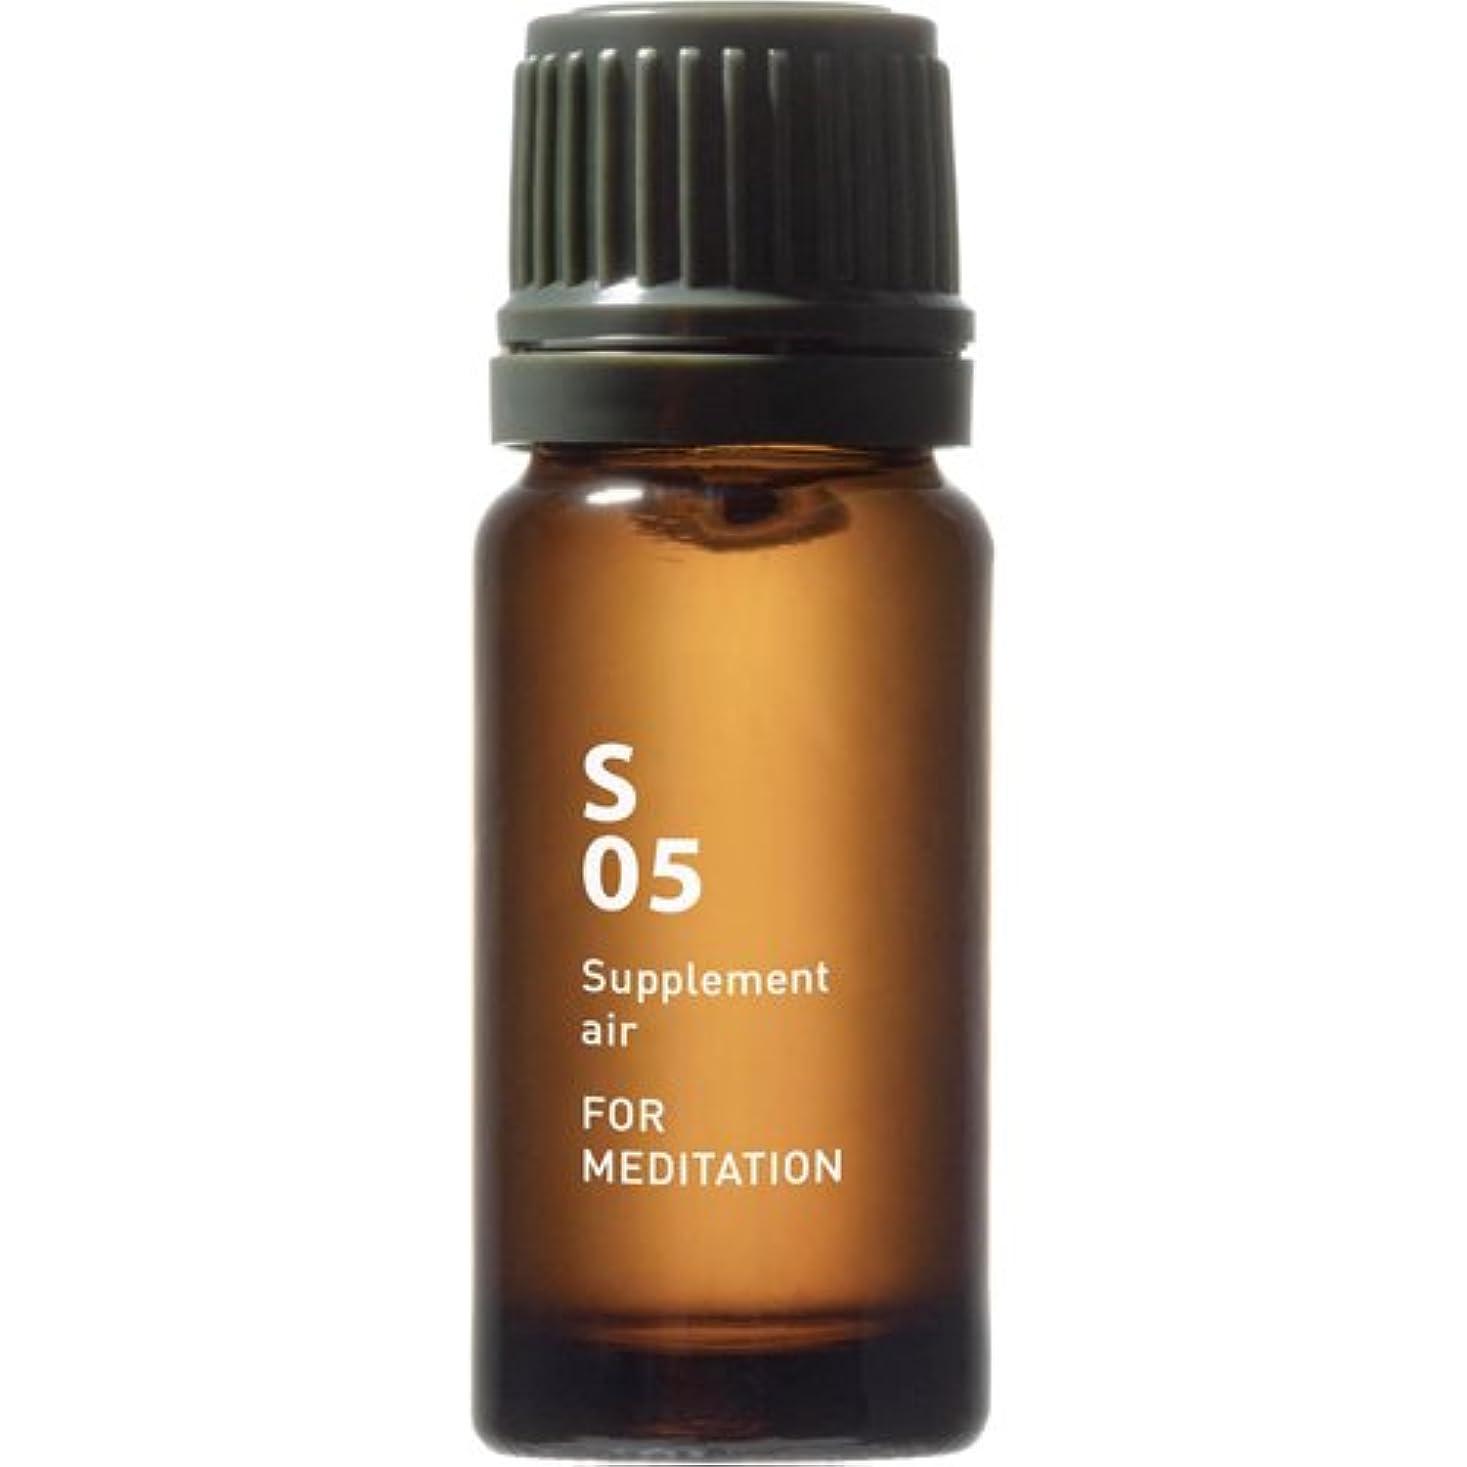 見出し廃止積極的にS05 FOR MEDITATION Supplement air 10ml